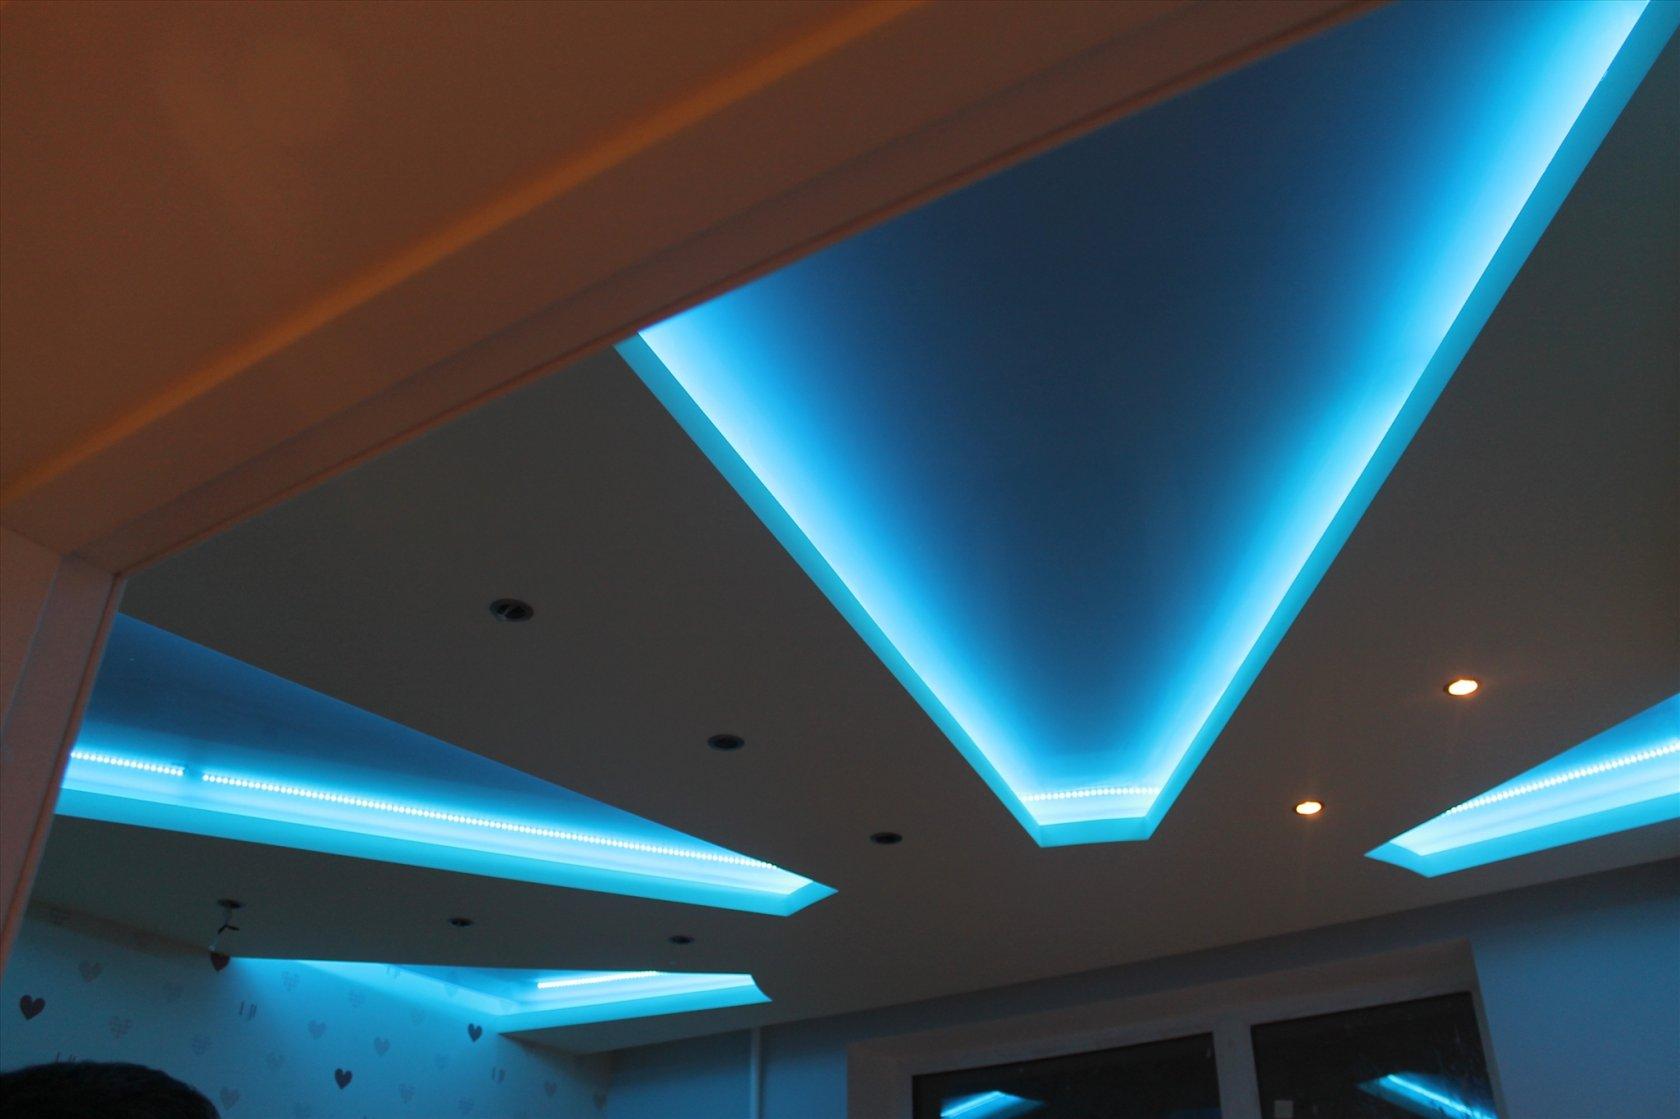 Гипсокартонный потолок с подсветкой Decor 4 House 79